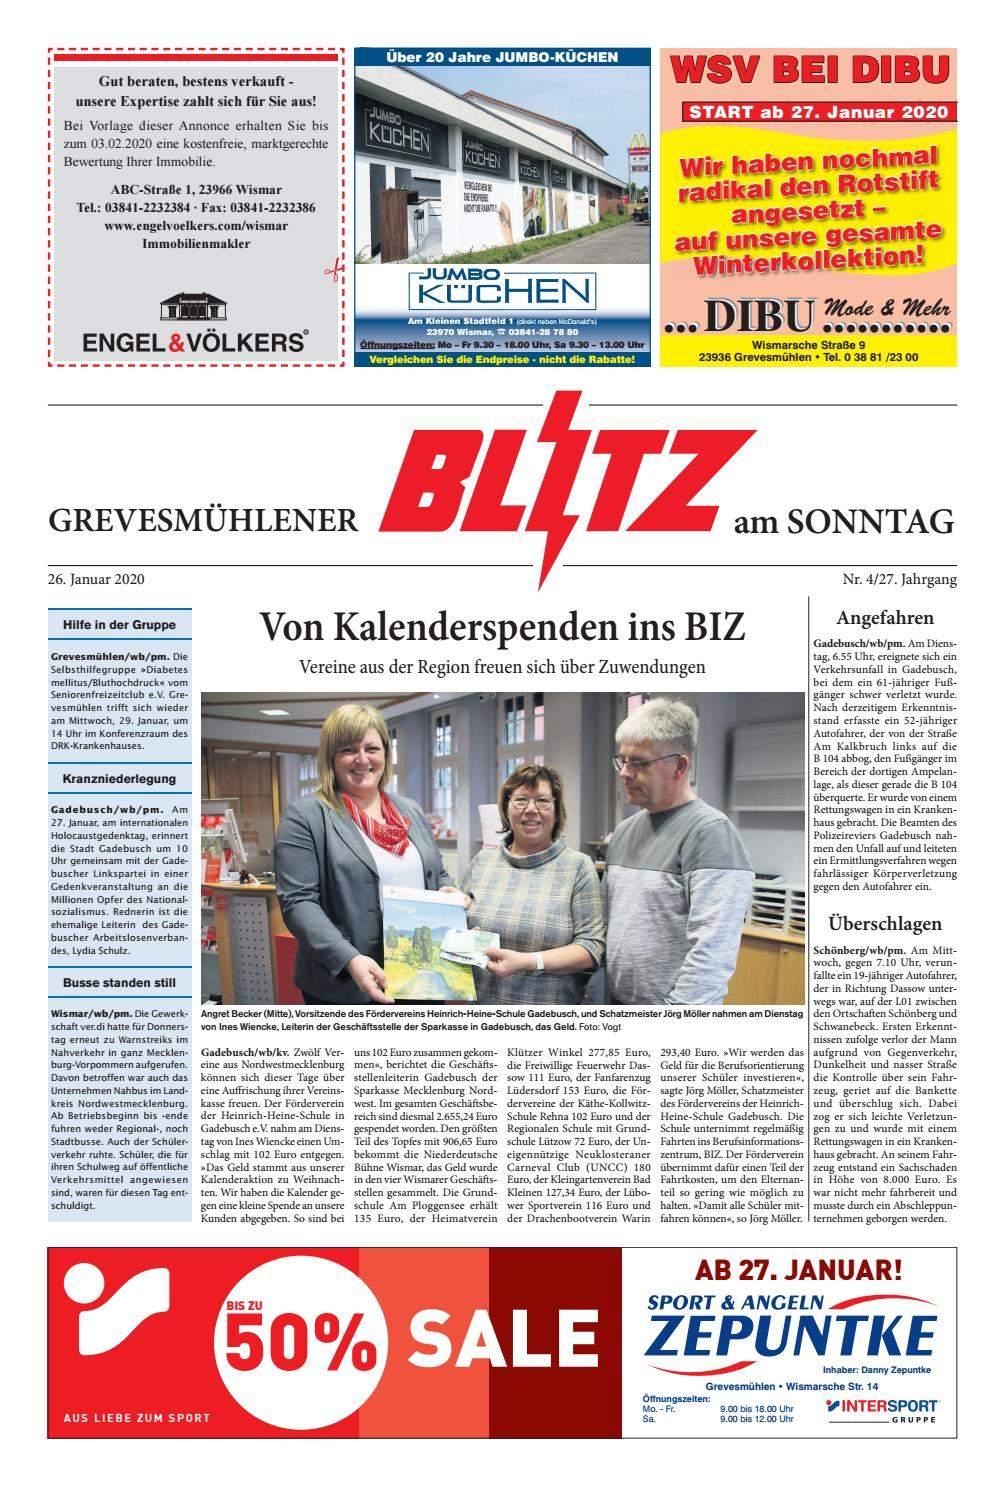 In Seiner Frühen Kindheit Ein Garten Inspirierend Grevesmühlener Blitz Vom 26 01 2020 by Blitzverlag issuu